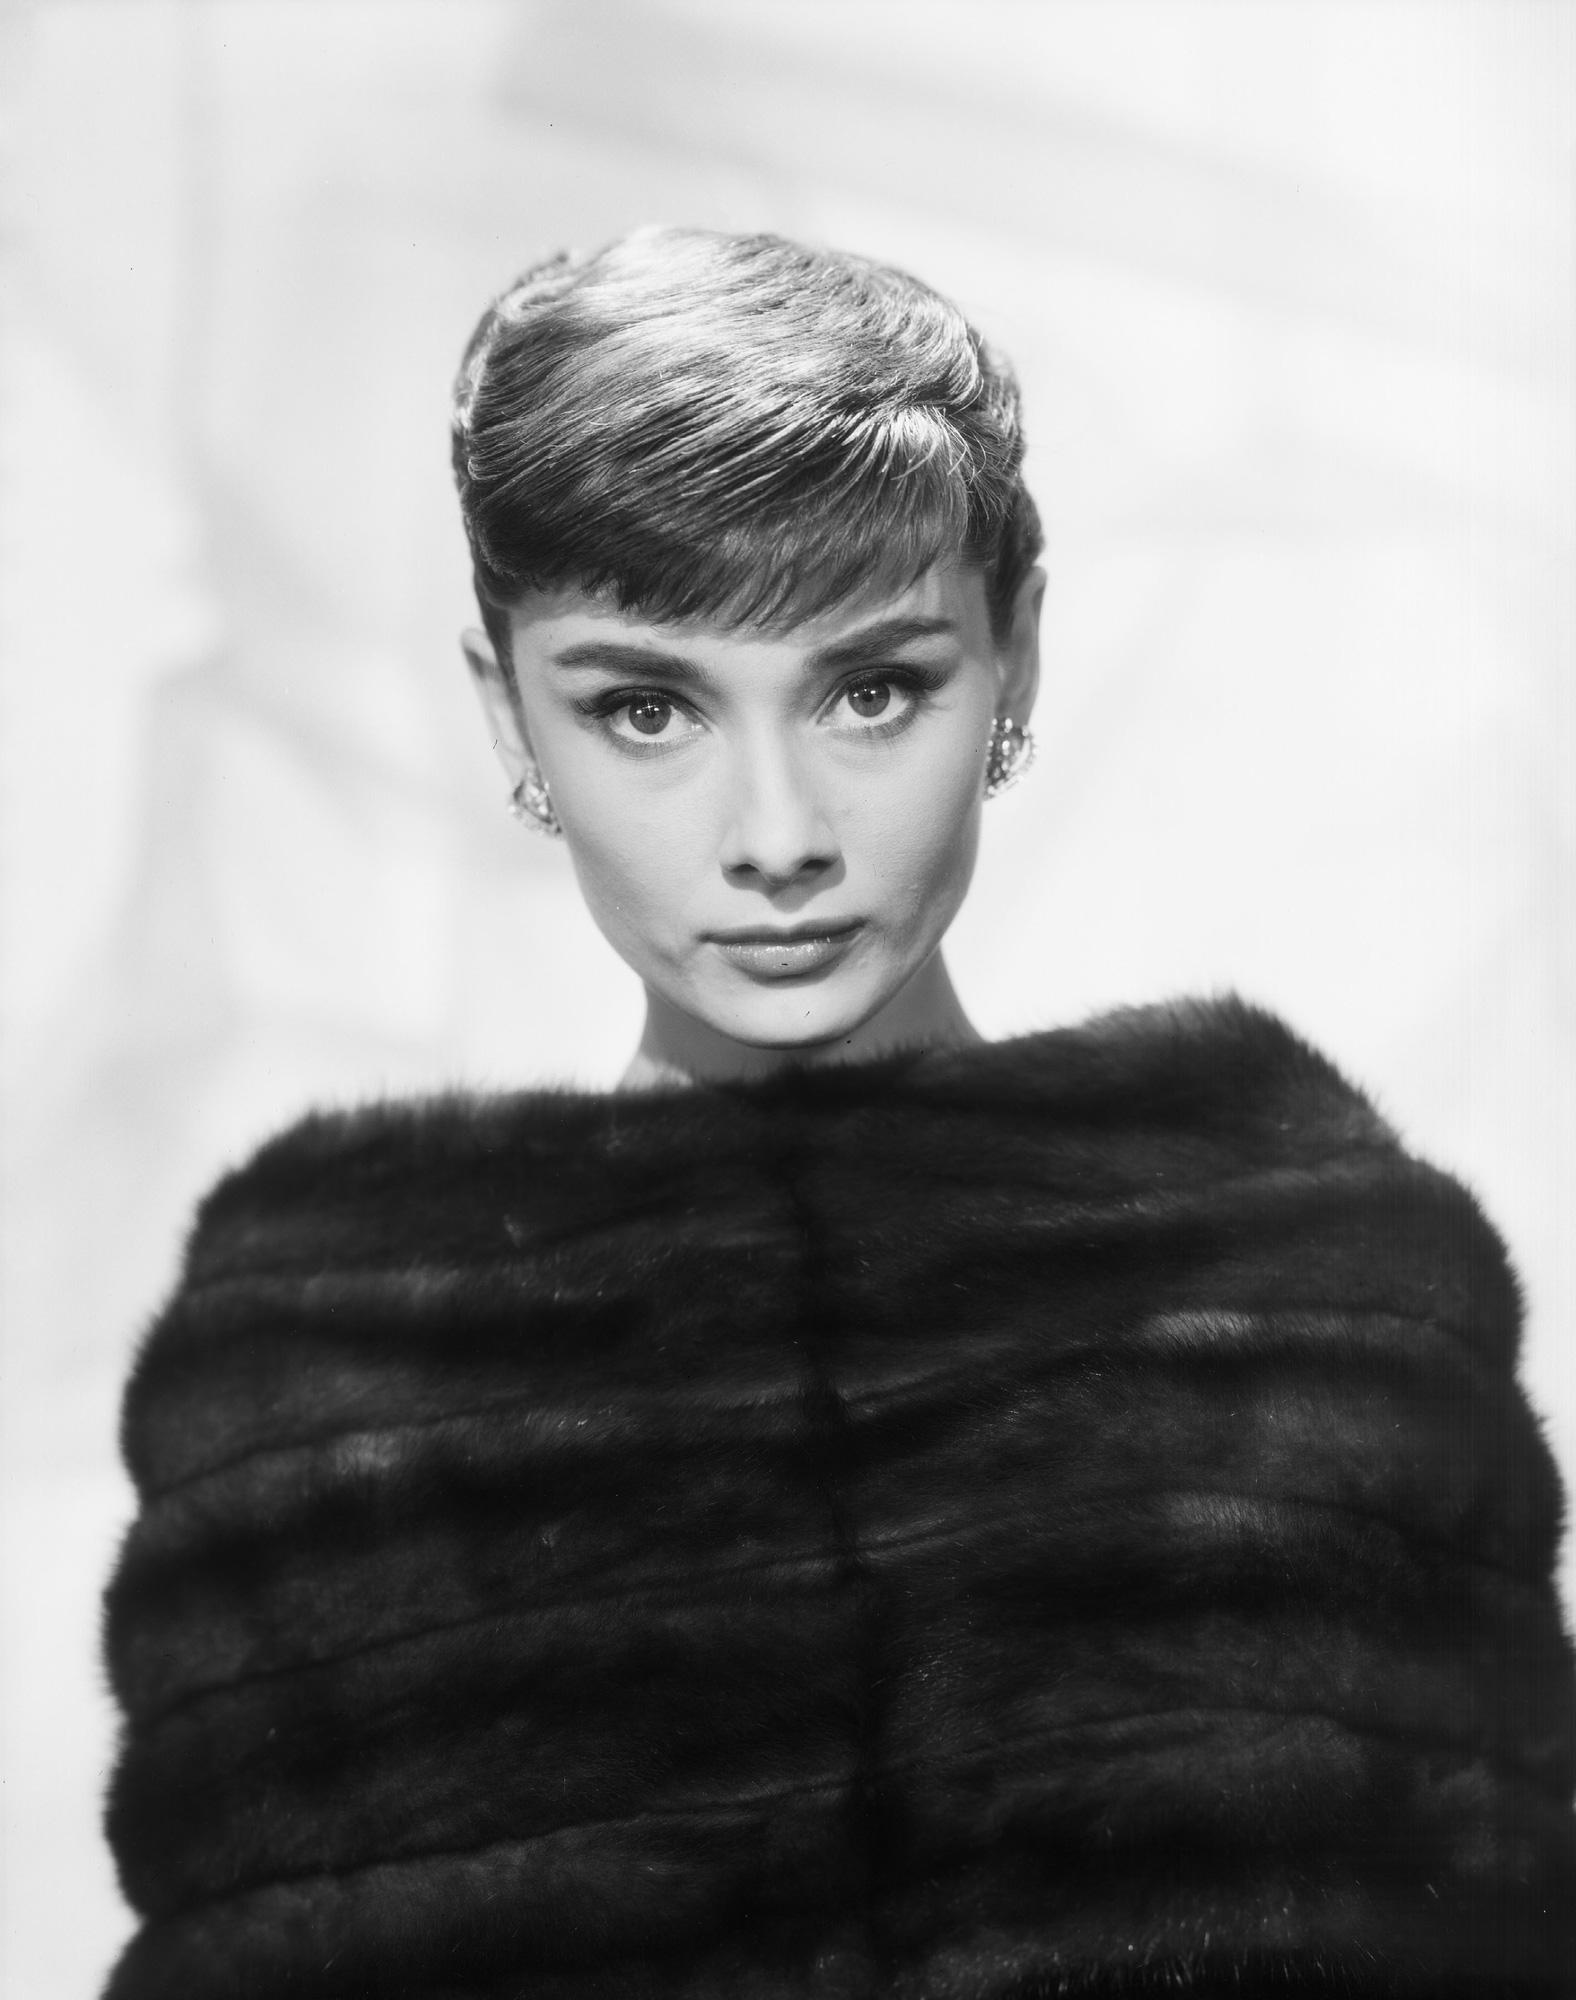 La voix d'Audrey